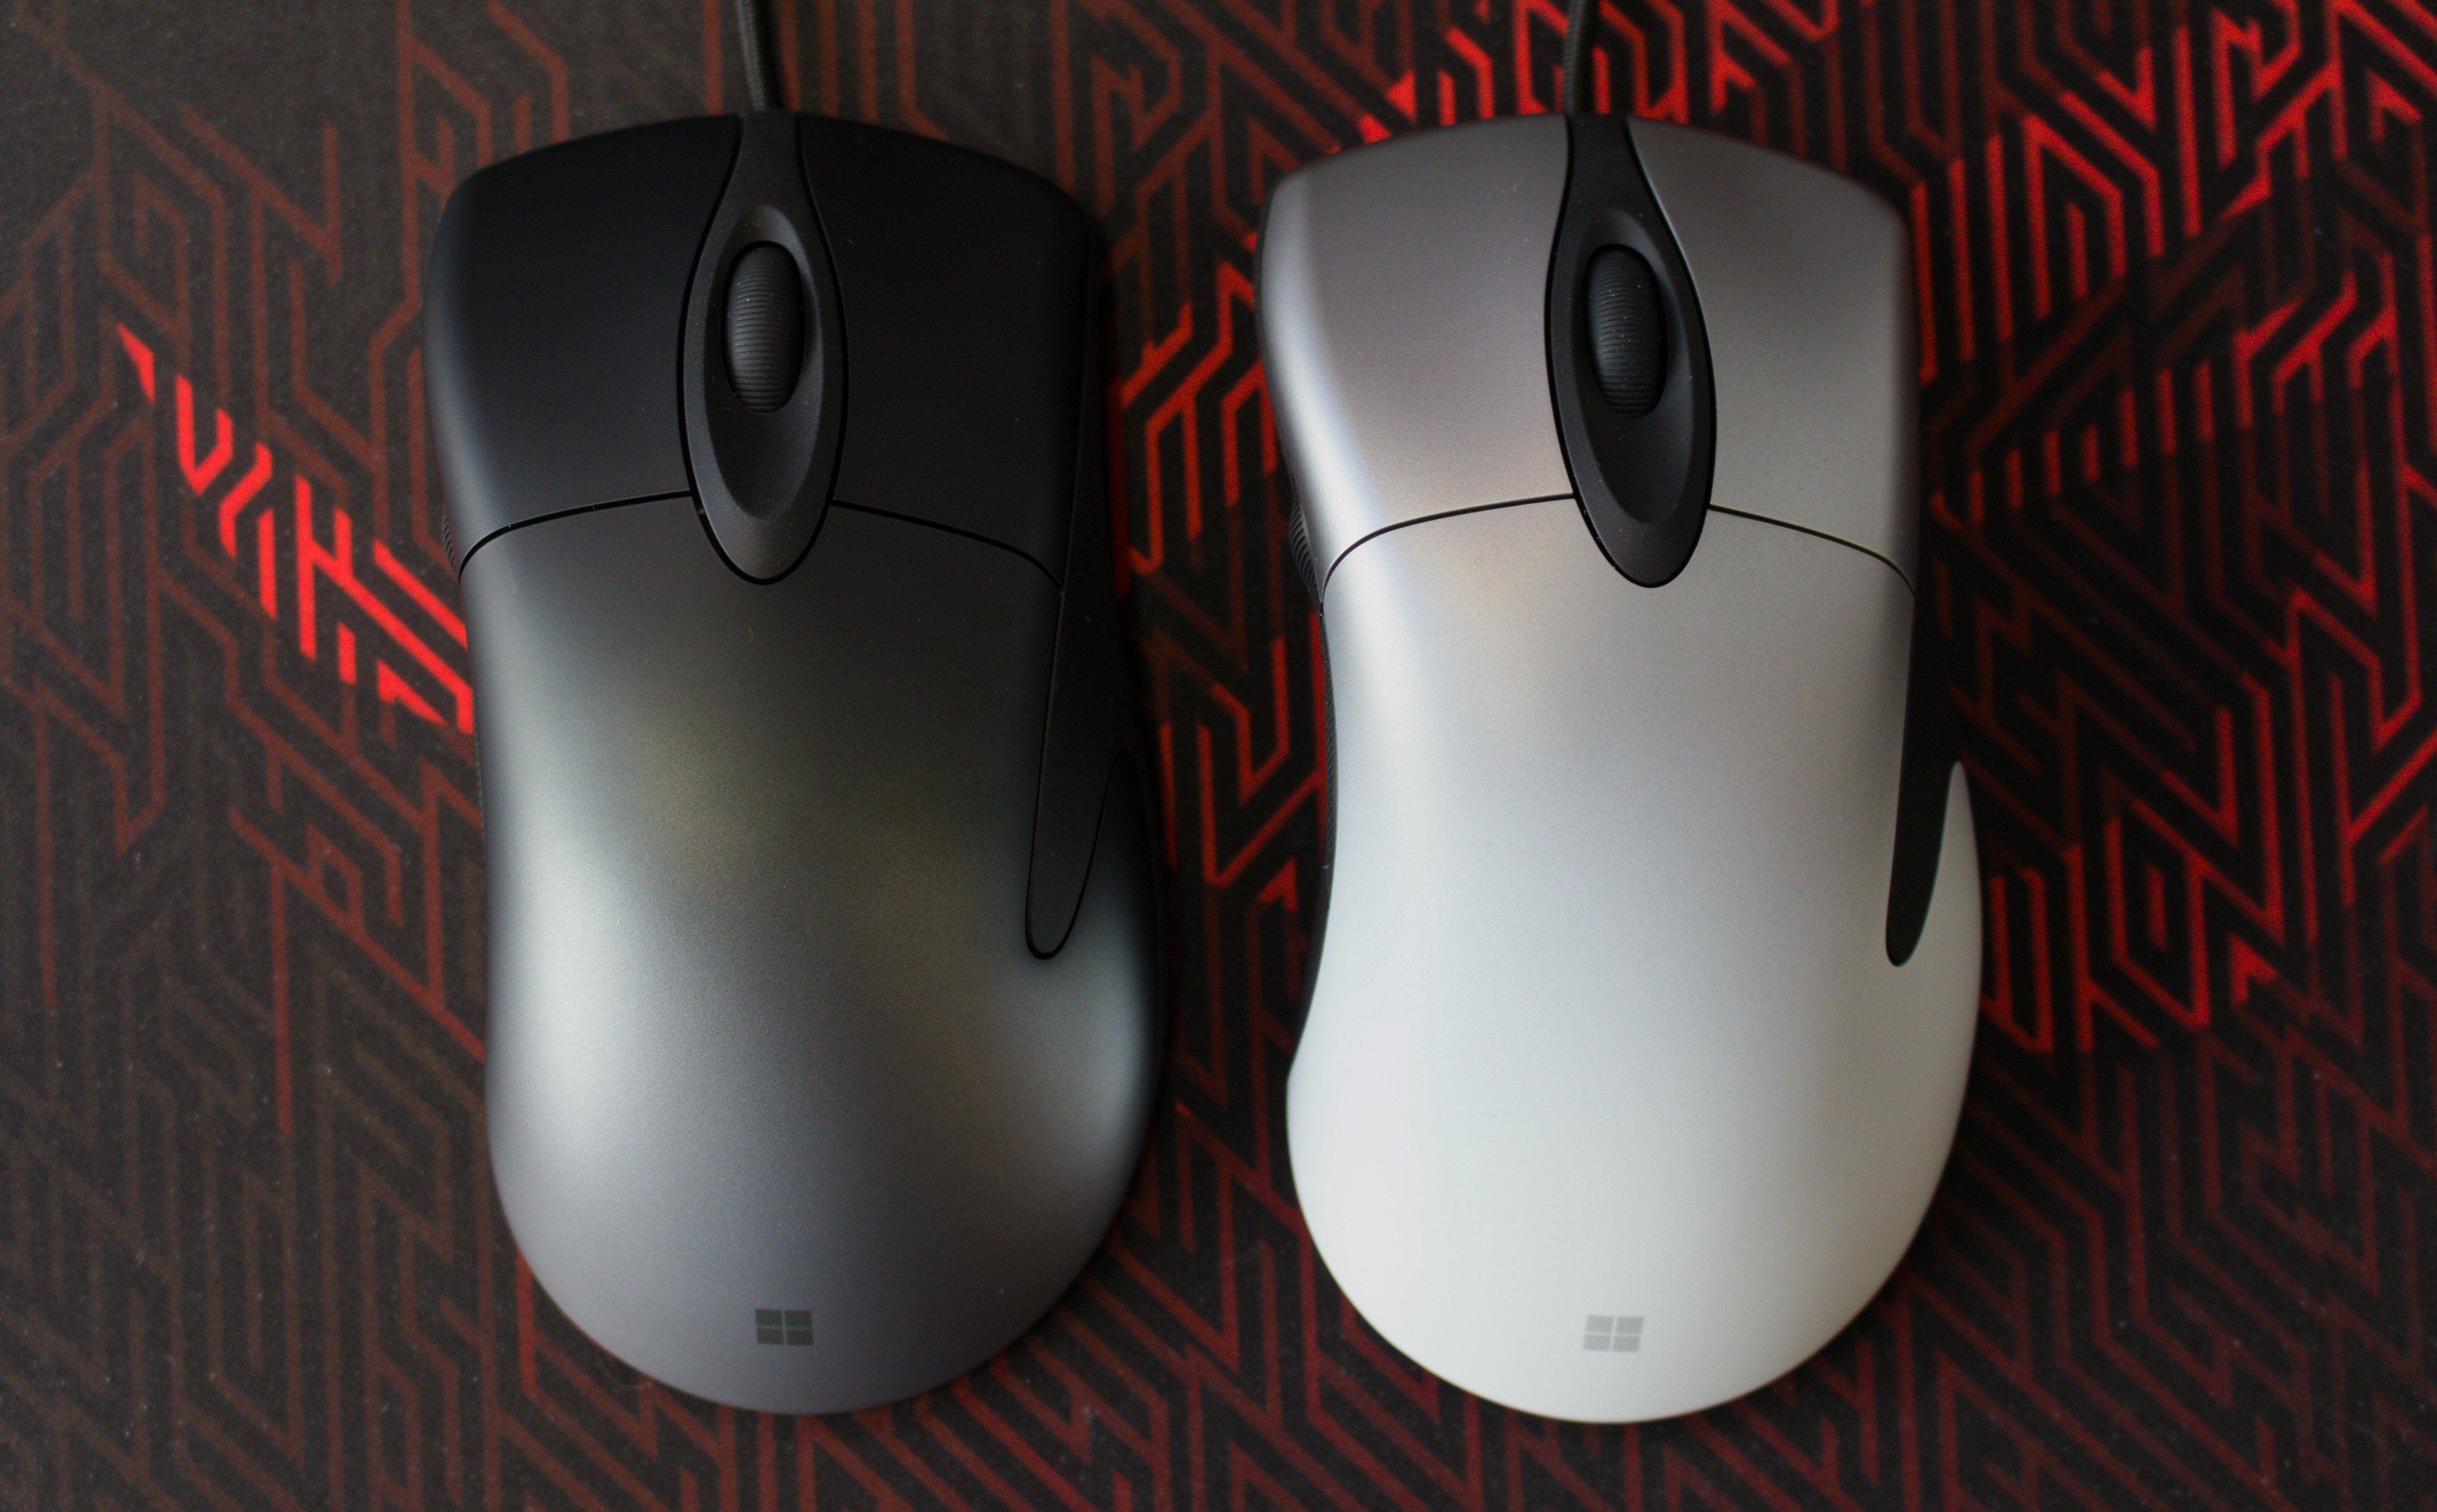 Pro IntelliMouse finnes i to fargevarianter: «skyggesvart» og «skyggehvit».